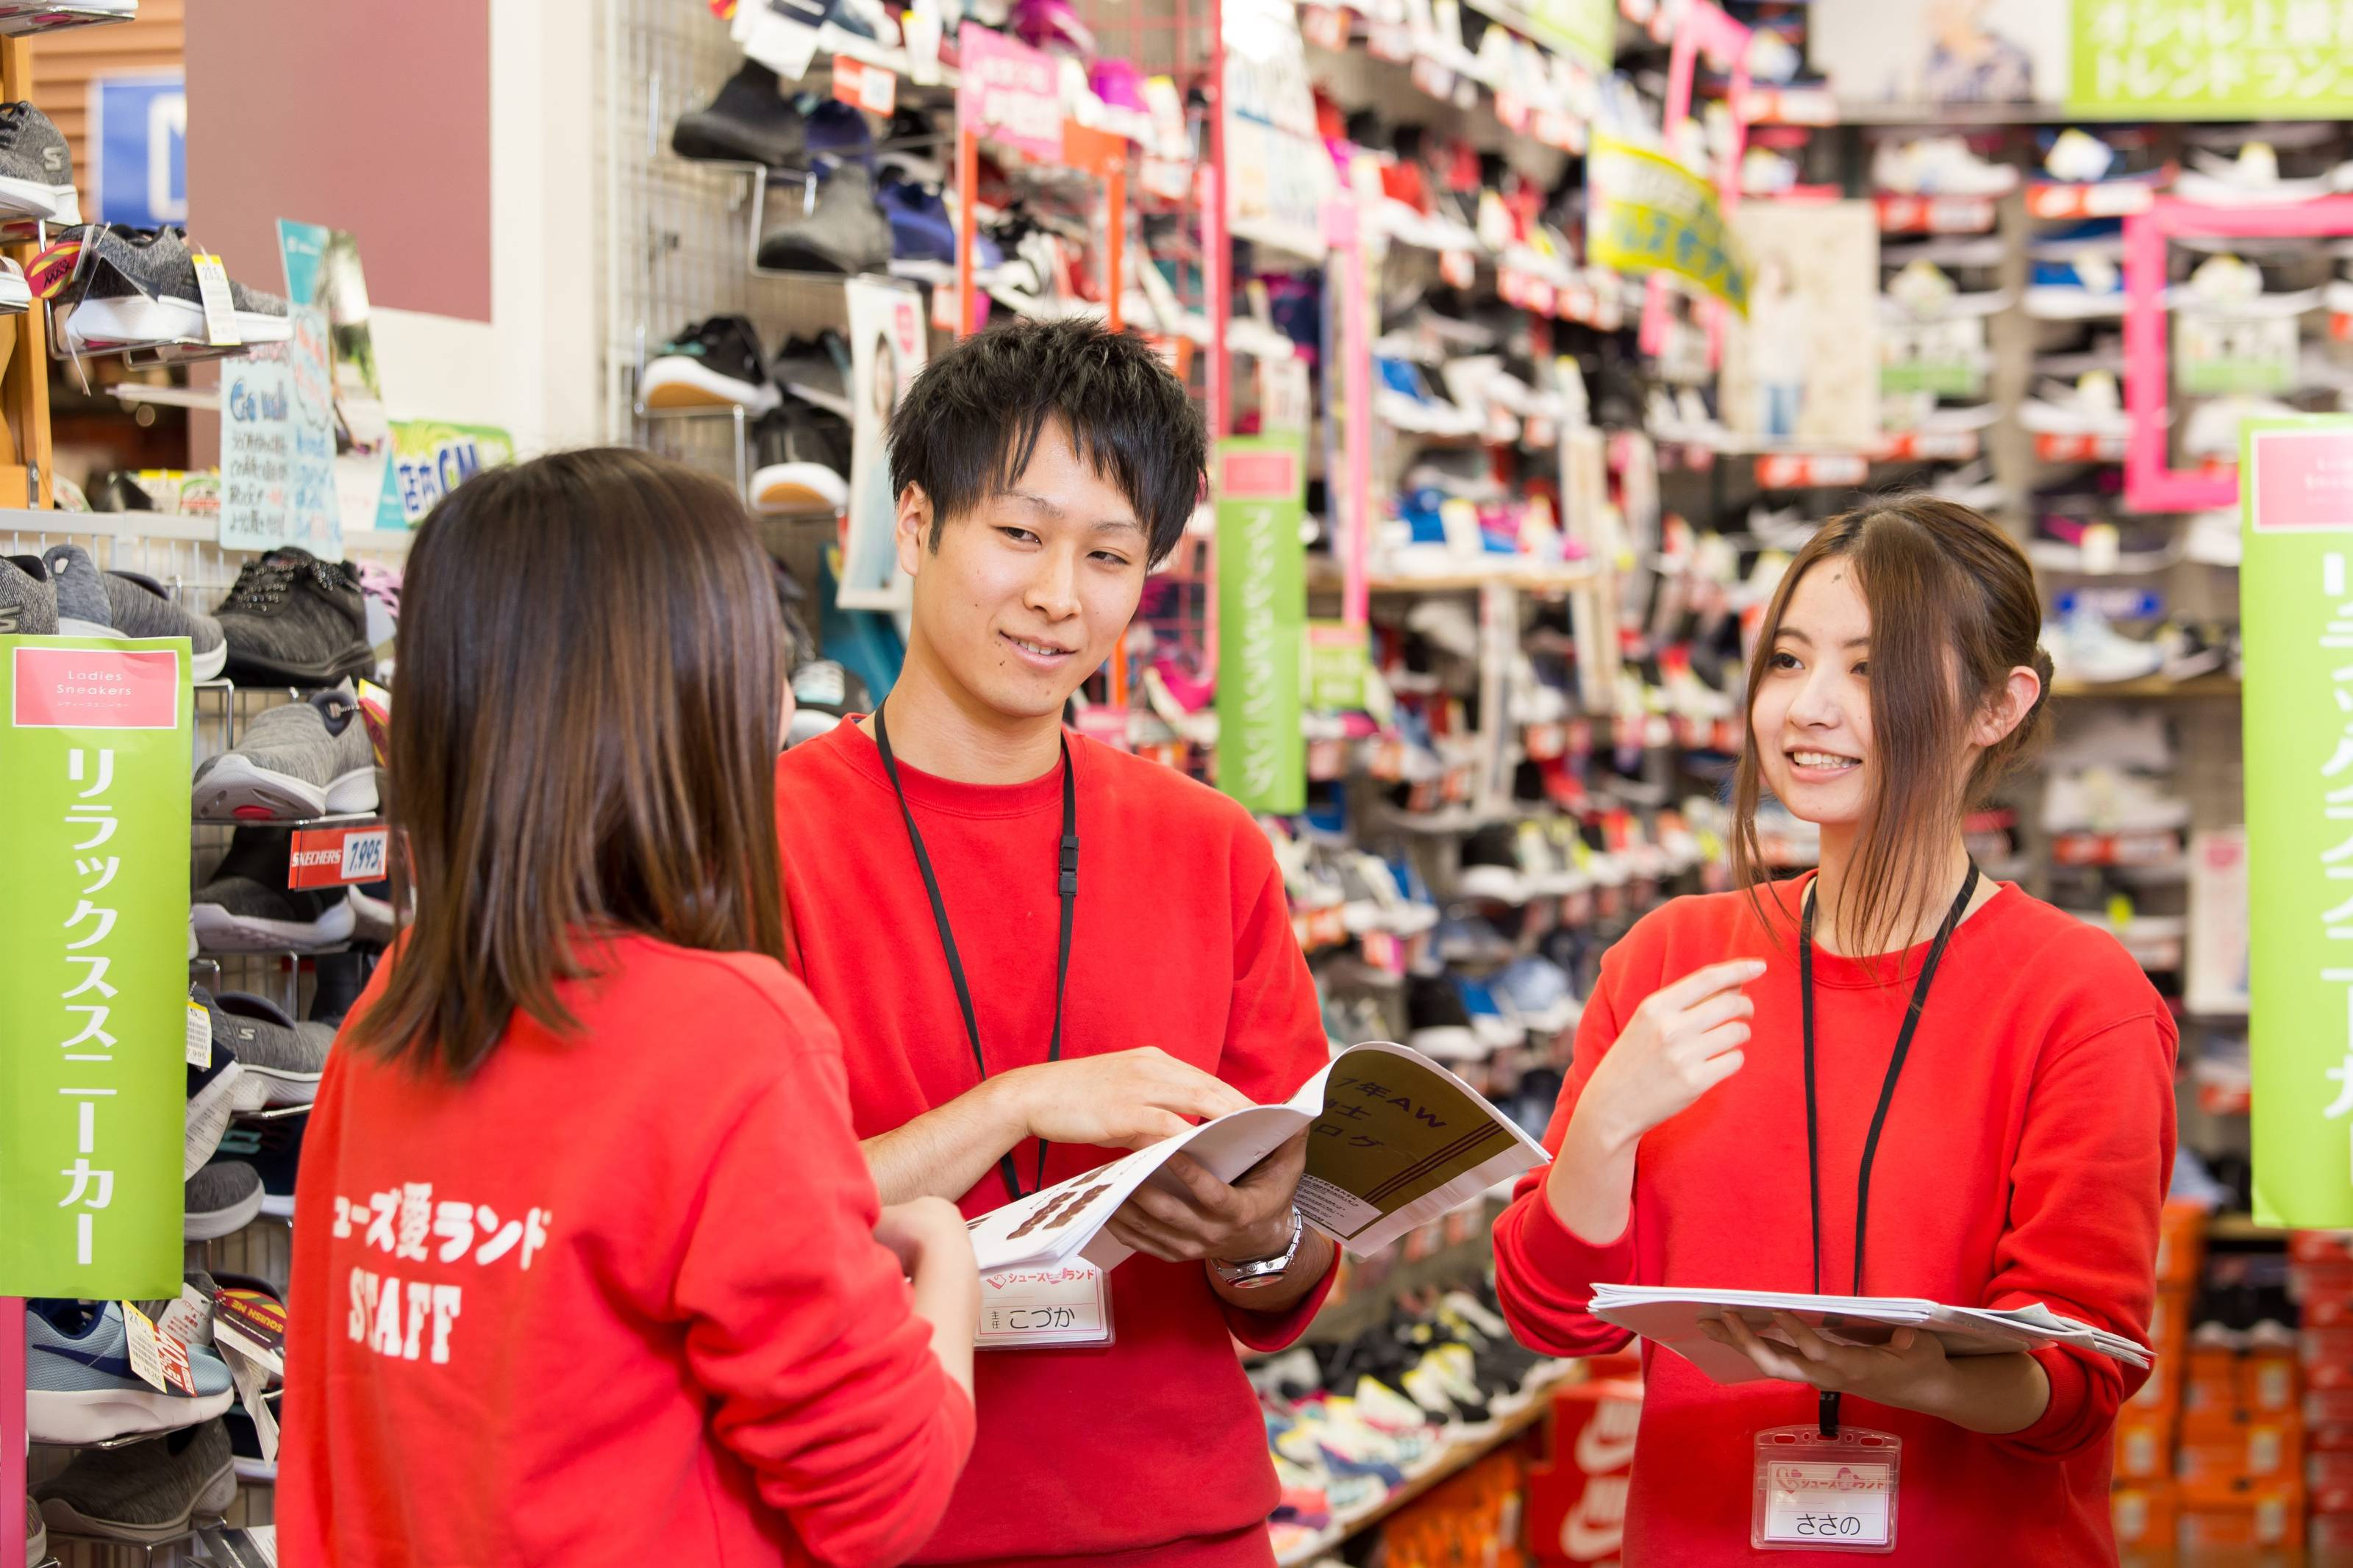 東京靴株式会社 (シューズ愛ランド 山口周南店